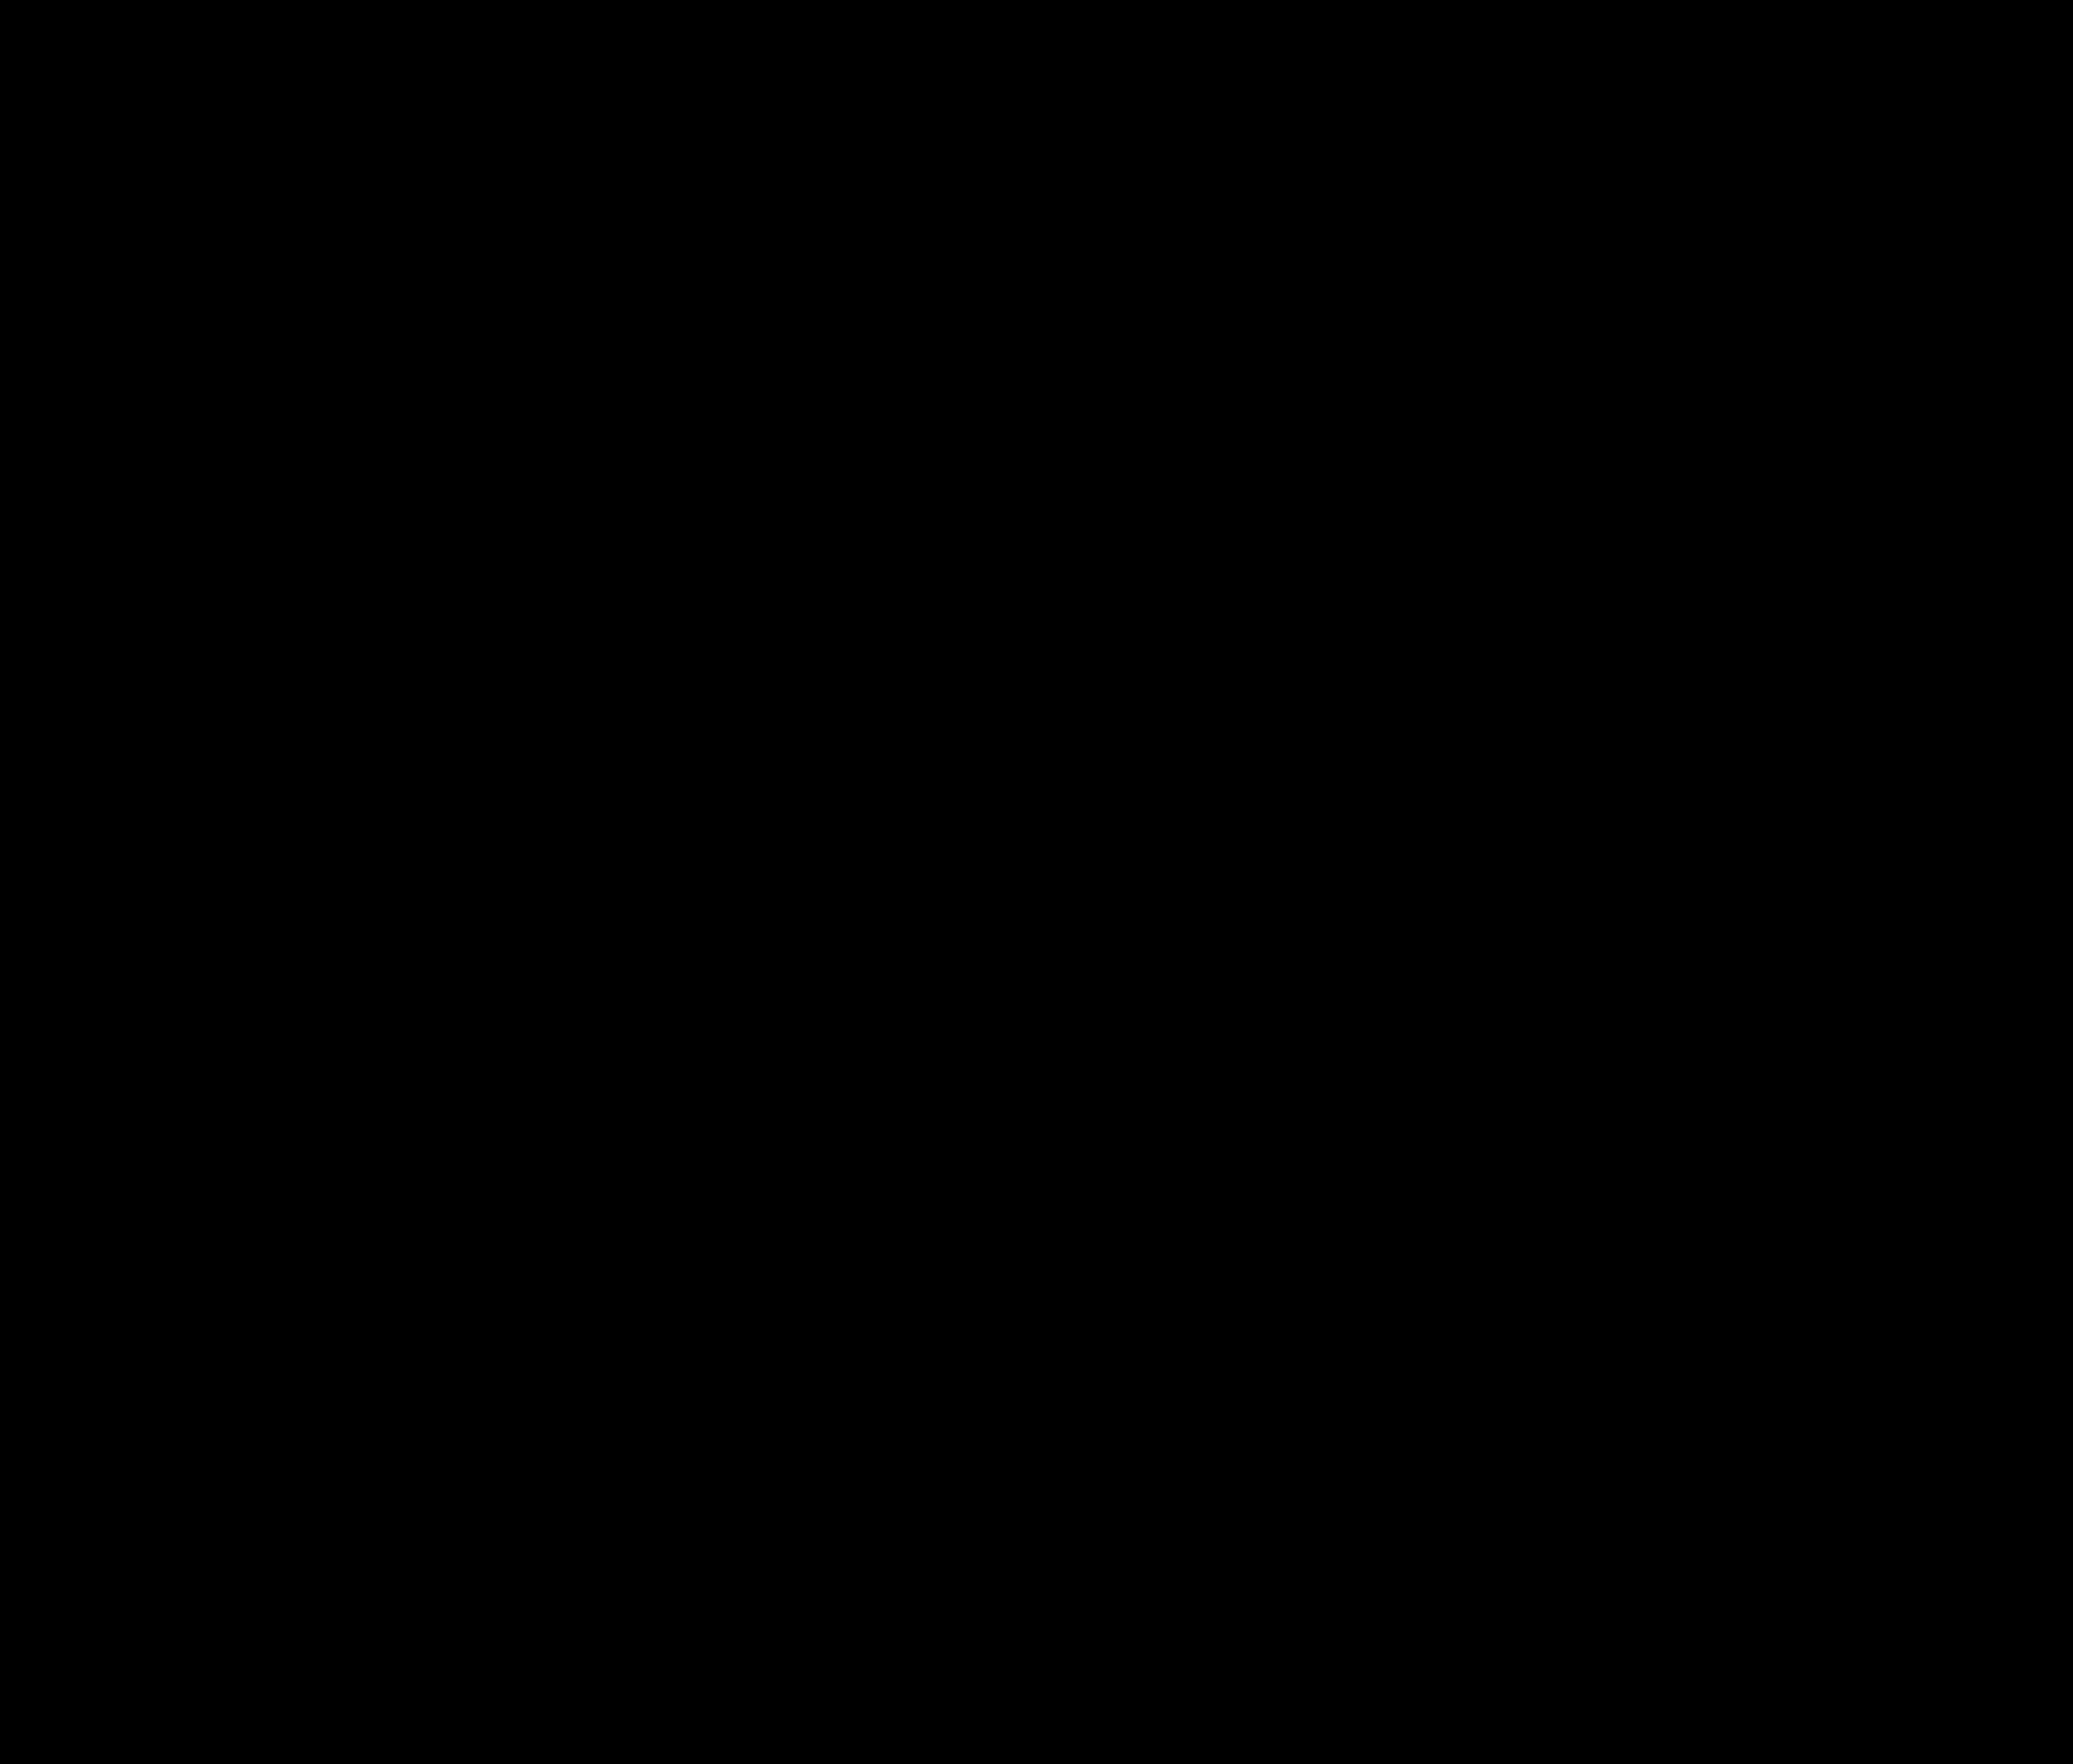 L2_BLACK.png